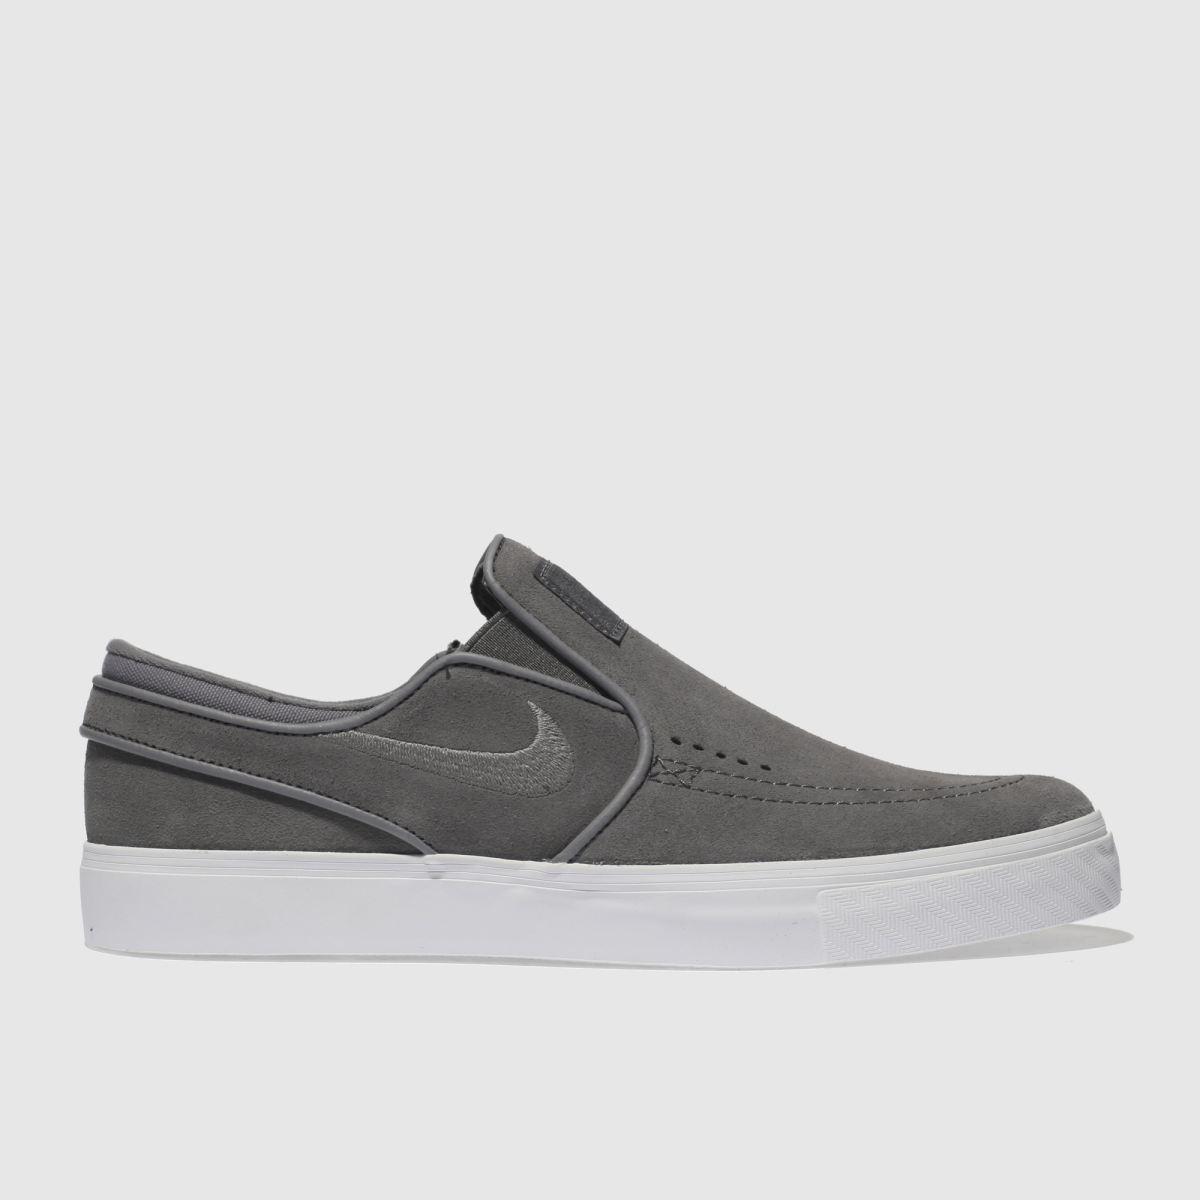 Nike Sb Grey Zoom Janoski Slip Trainers